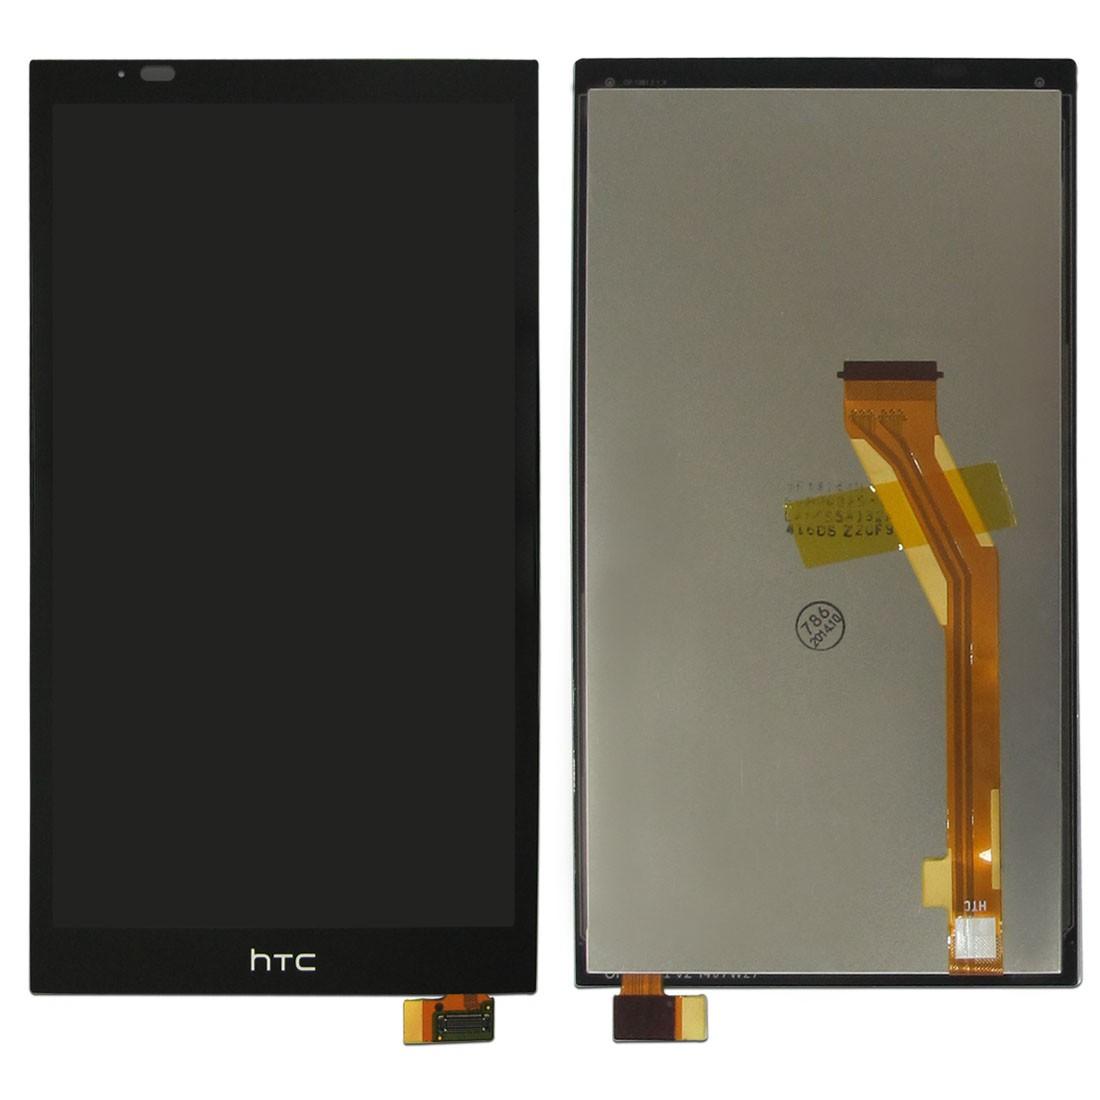 ال سی دی اچ تی سی دیزایر 816جی  - LCD HTC Desire 816/Desire 816W/Desire 816G